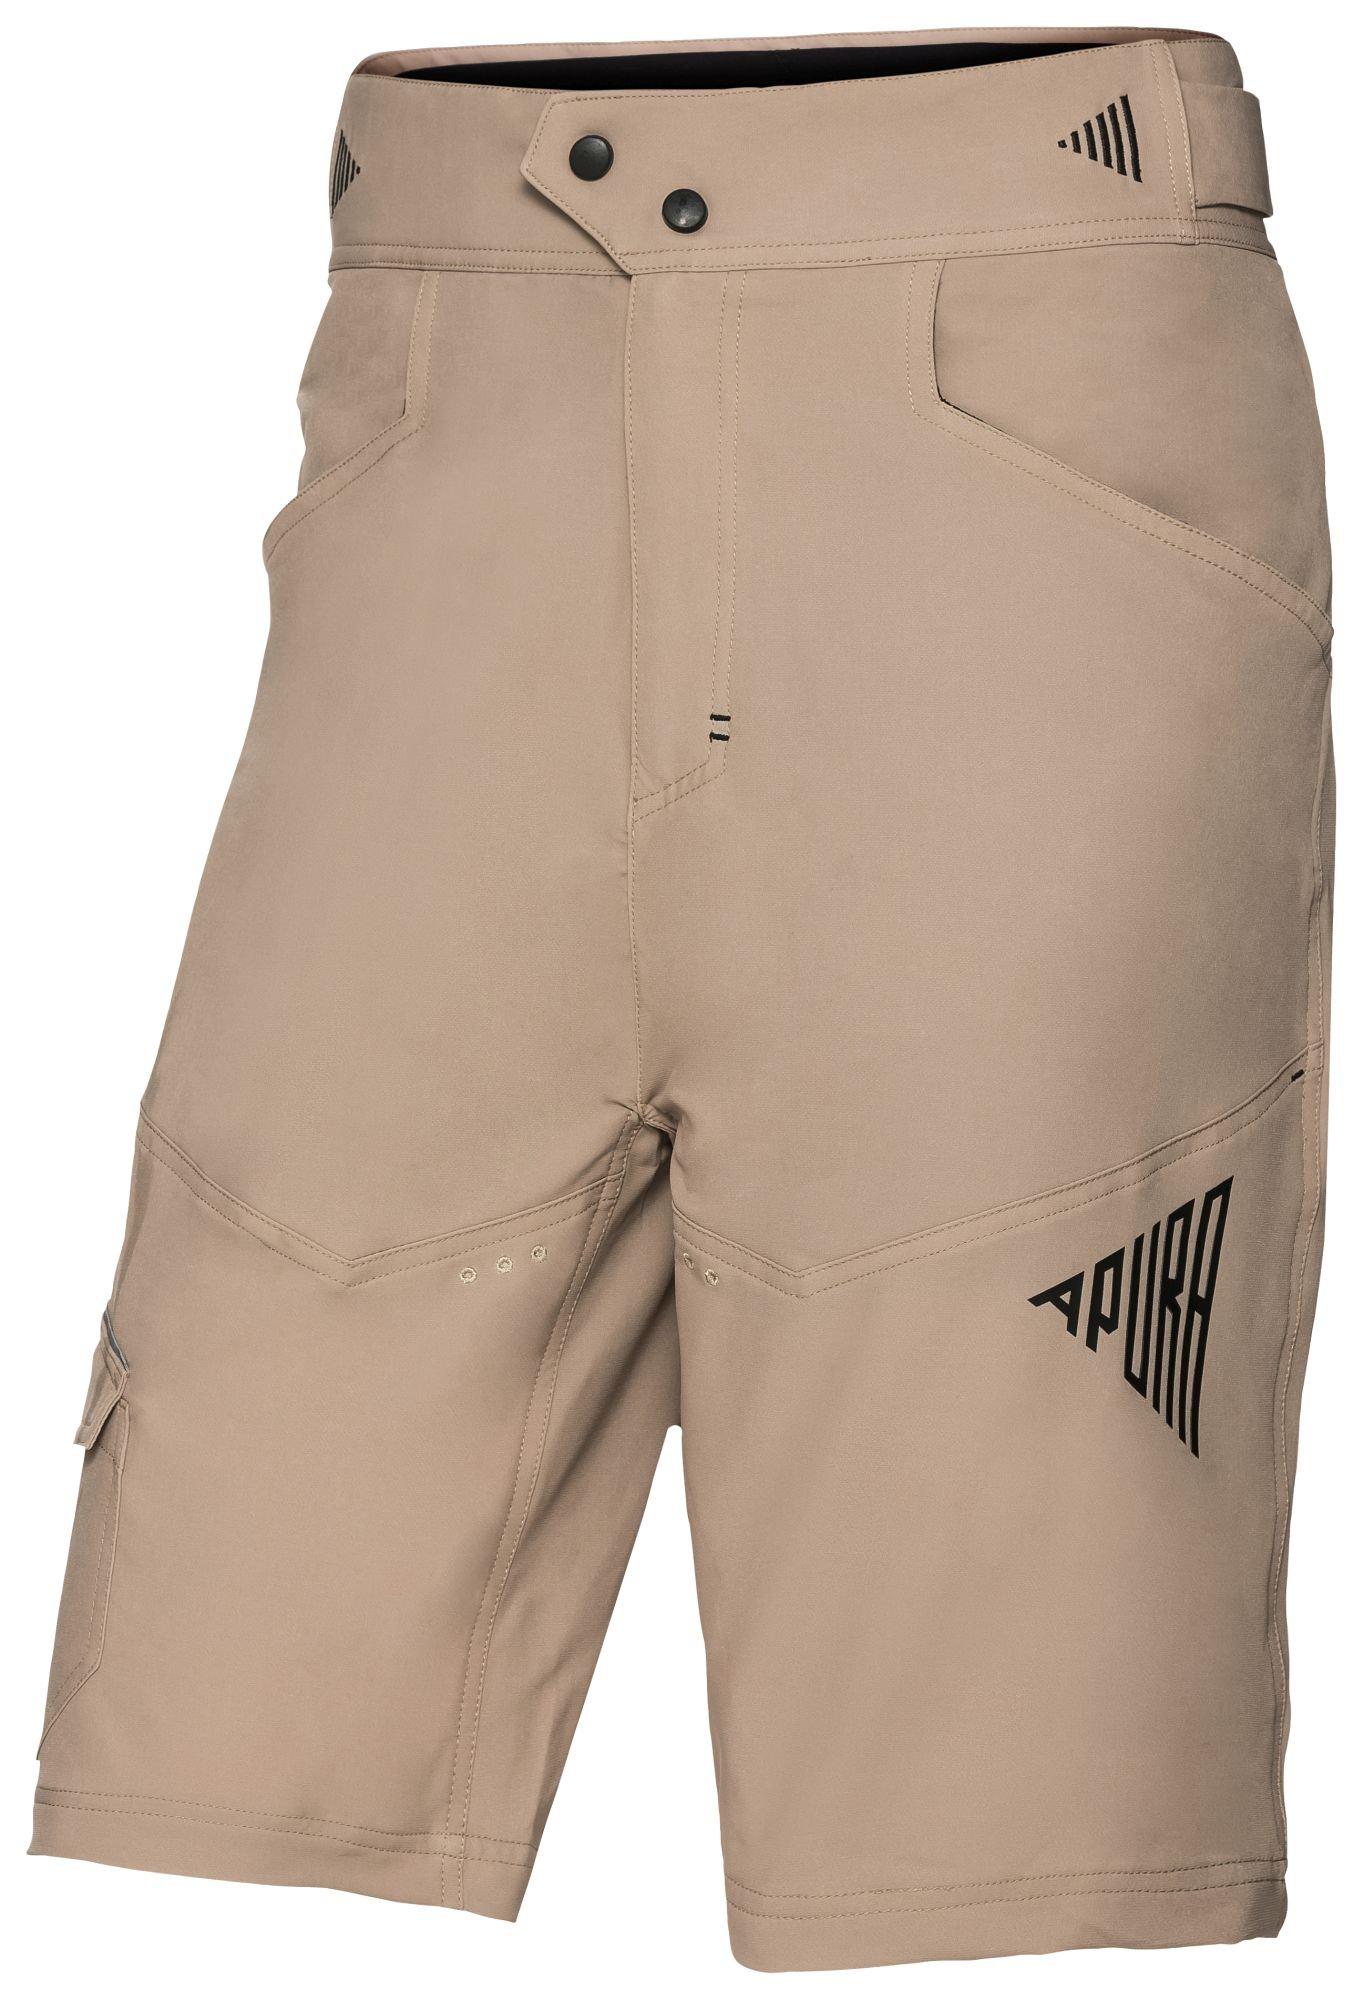 Apura Herren Shorts Ionosphere